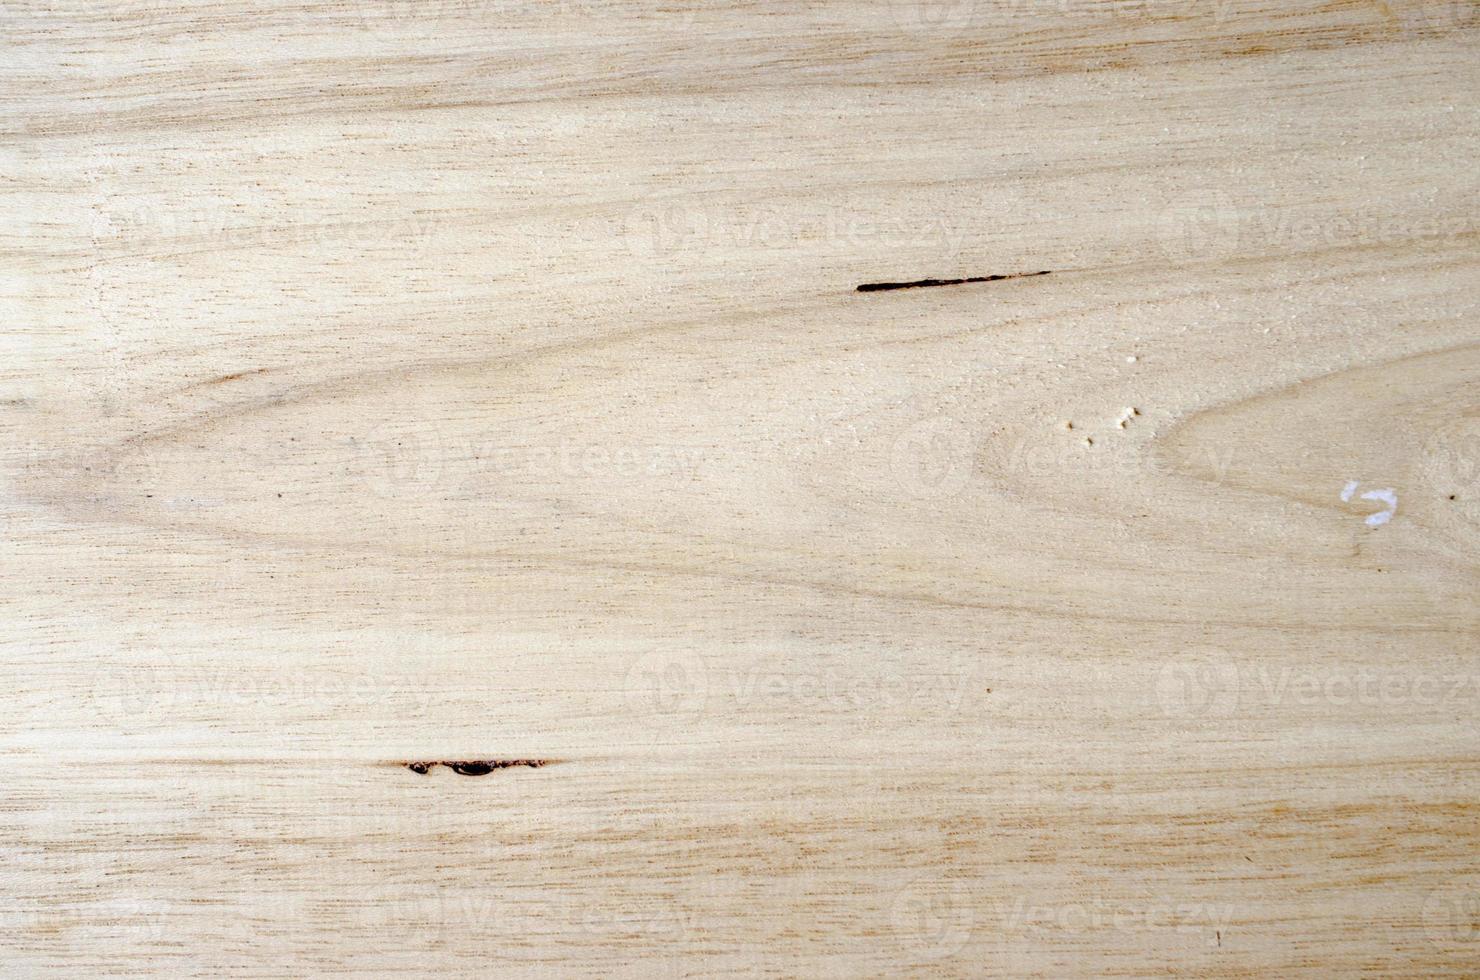 Holzstrukturen foto